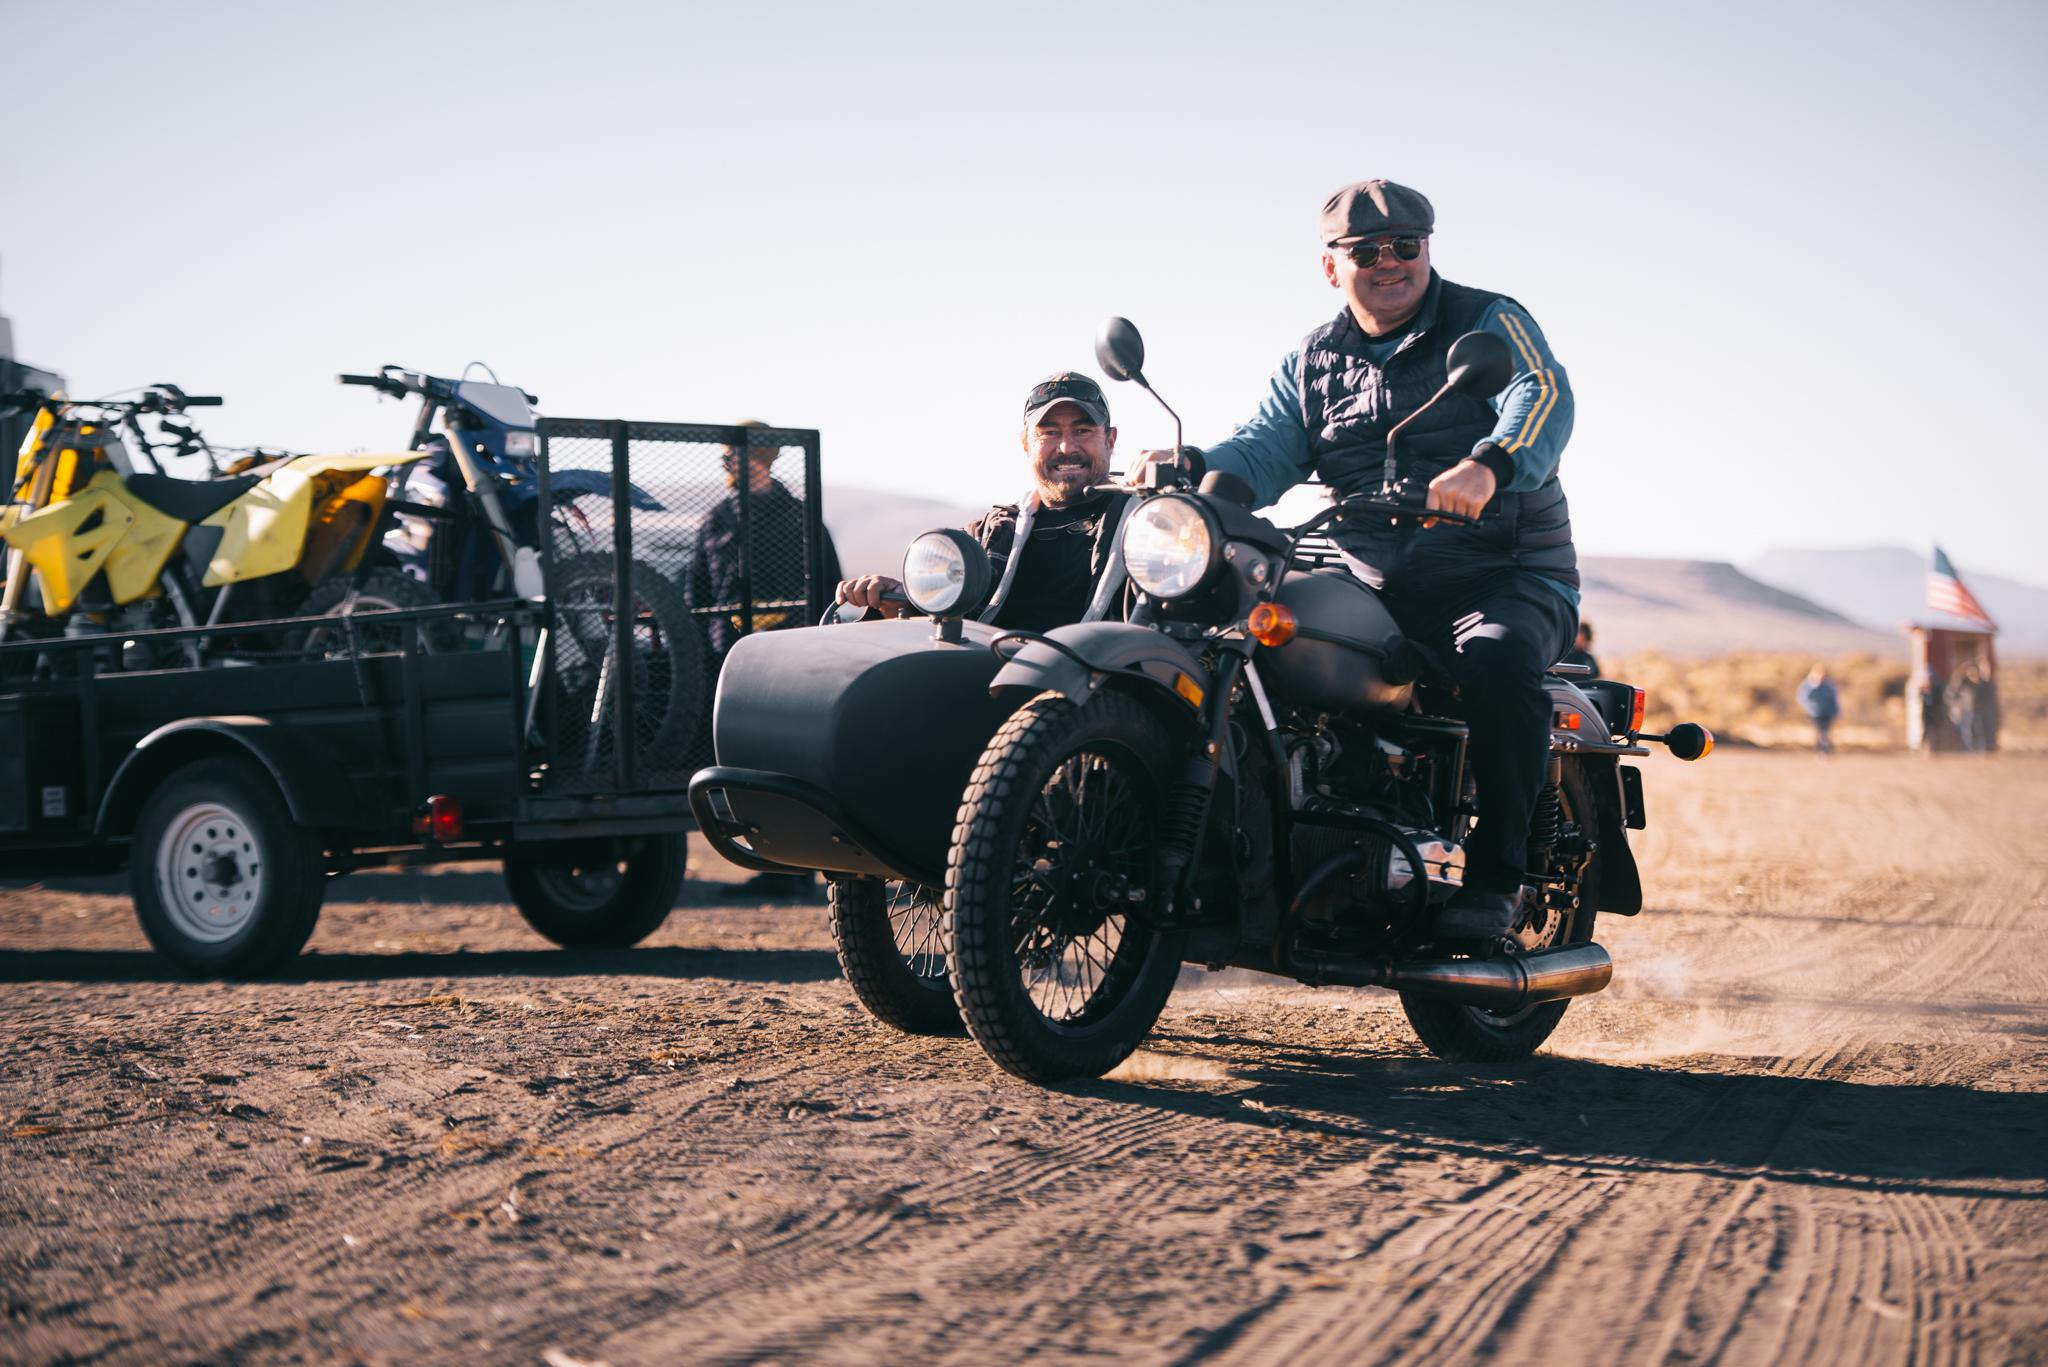 jmtompkins_silodrome_the_desert_race_oregon 1.jpg